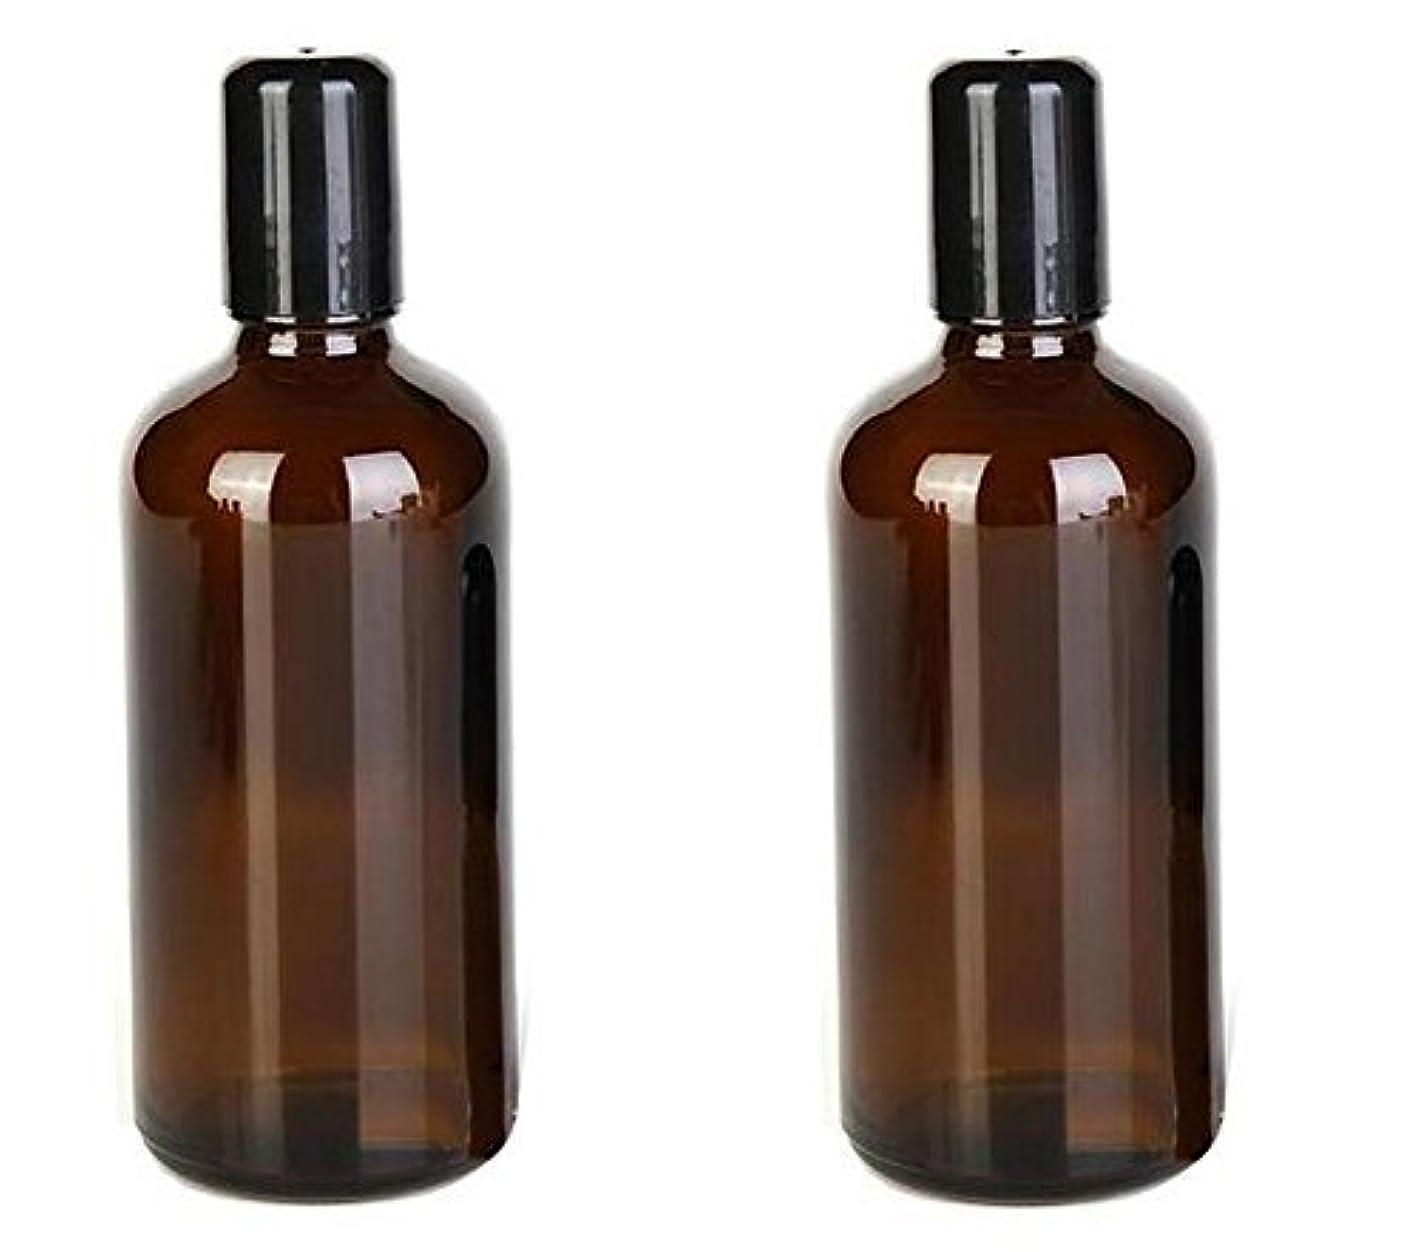 トイレ第ほぼ2PCS 100ML /3.4oz Amber Glass Empty Refillable Roll On Bottles With Metal Roller Balls Roll-On Container For Essential...